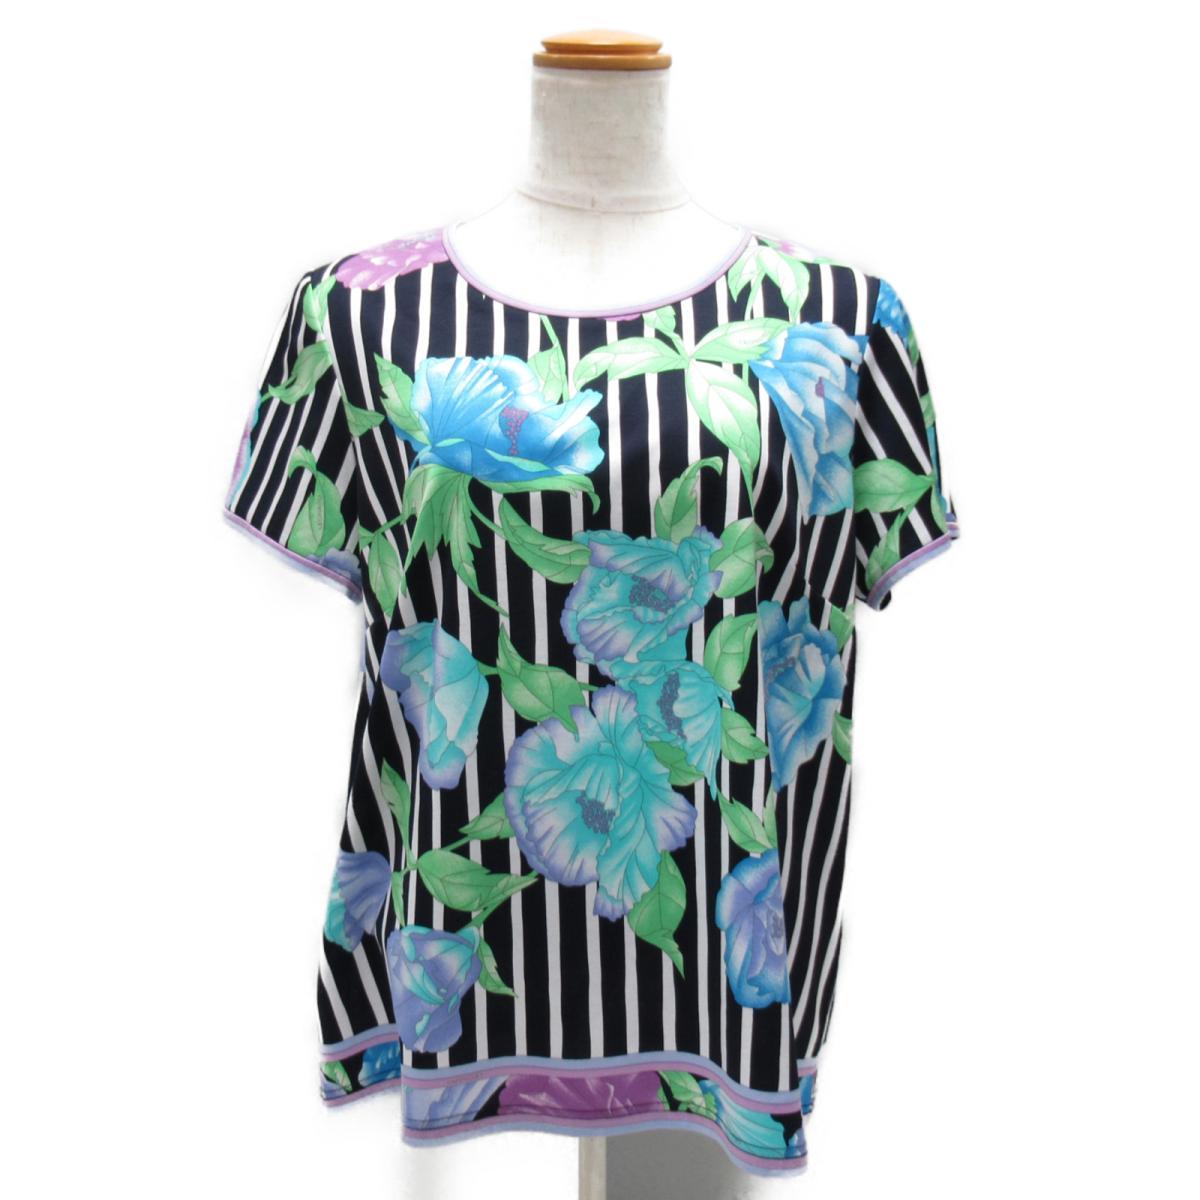 【中古】 レオナール トップス レディース コットン マルチカラー | LEONARD BRANDOFF ブランドオフ 衣料品 衣類 ブランド Tシャツ シャツ カットソー